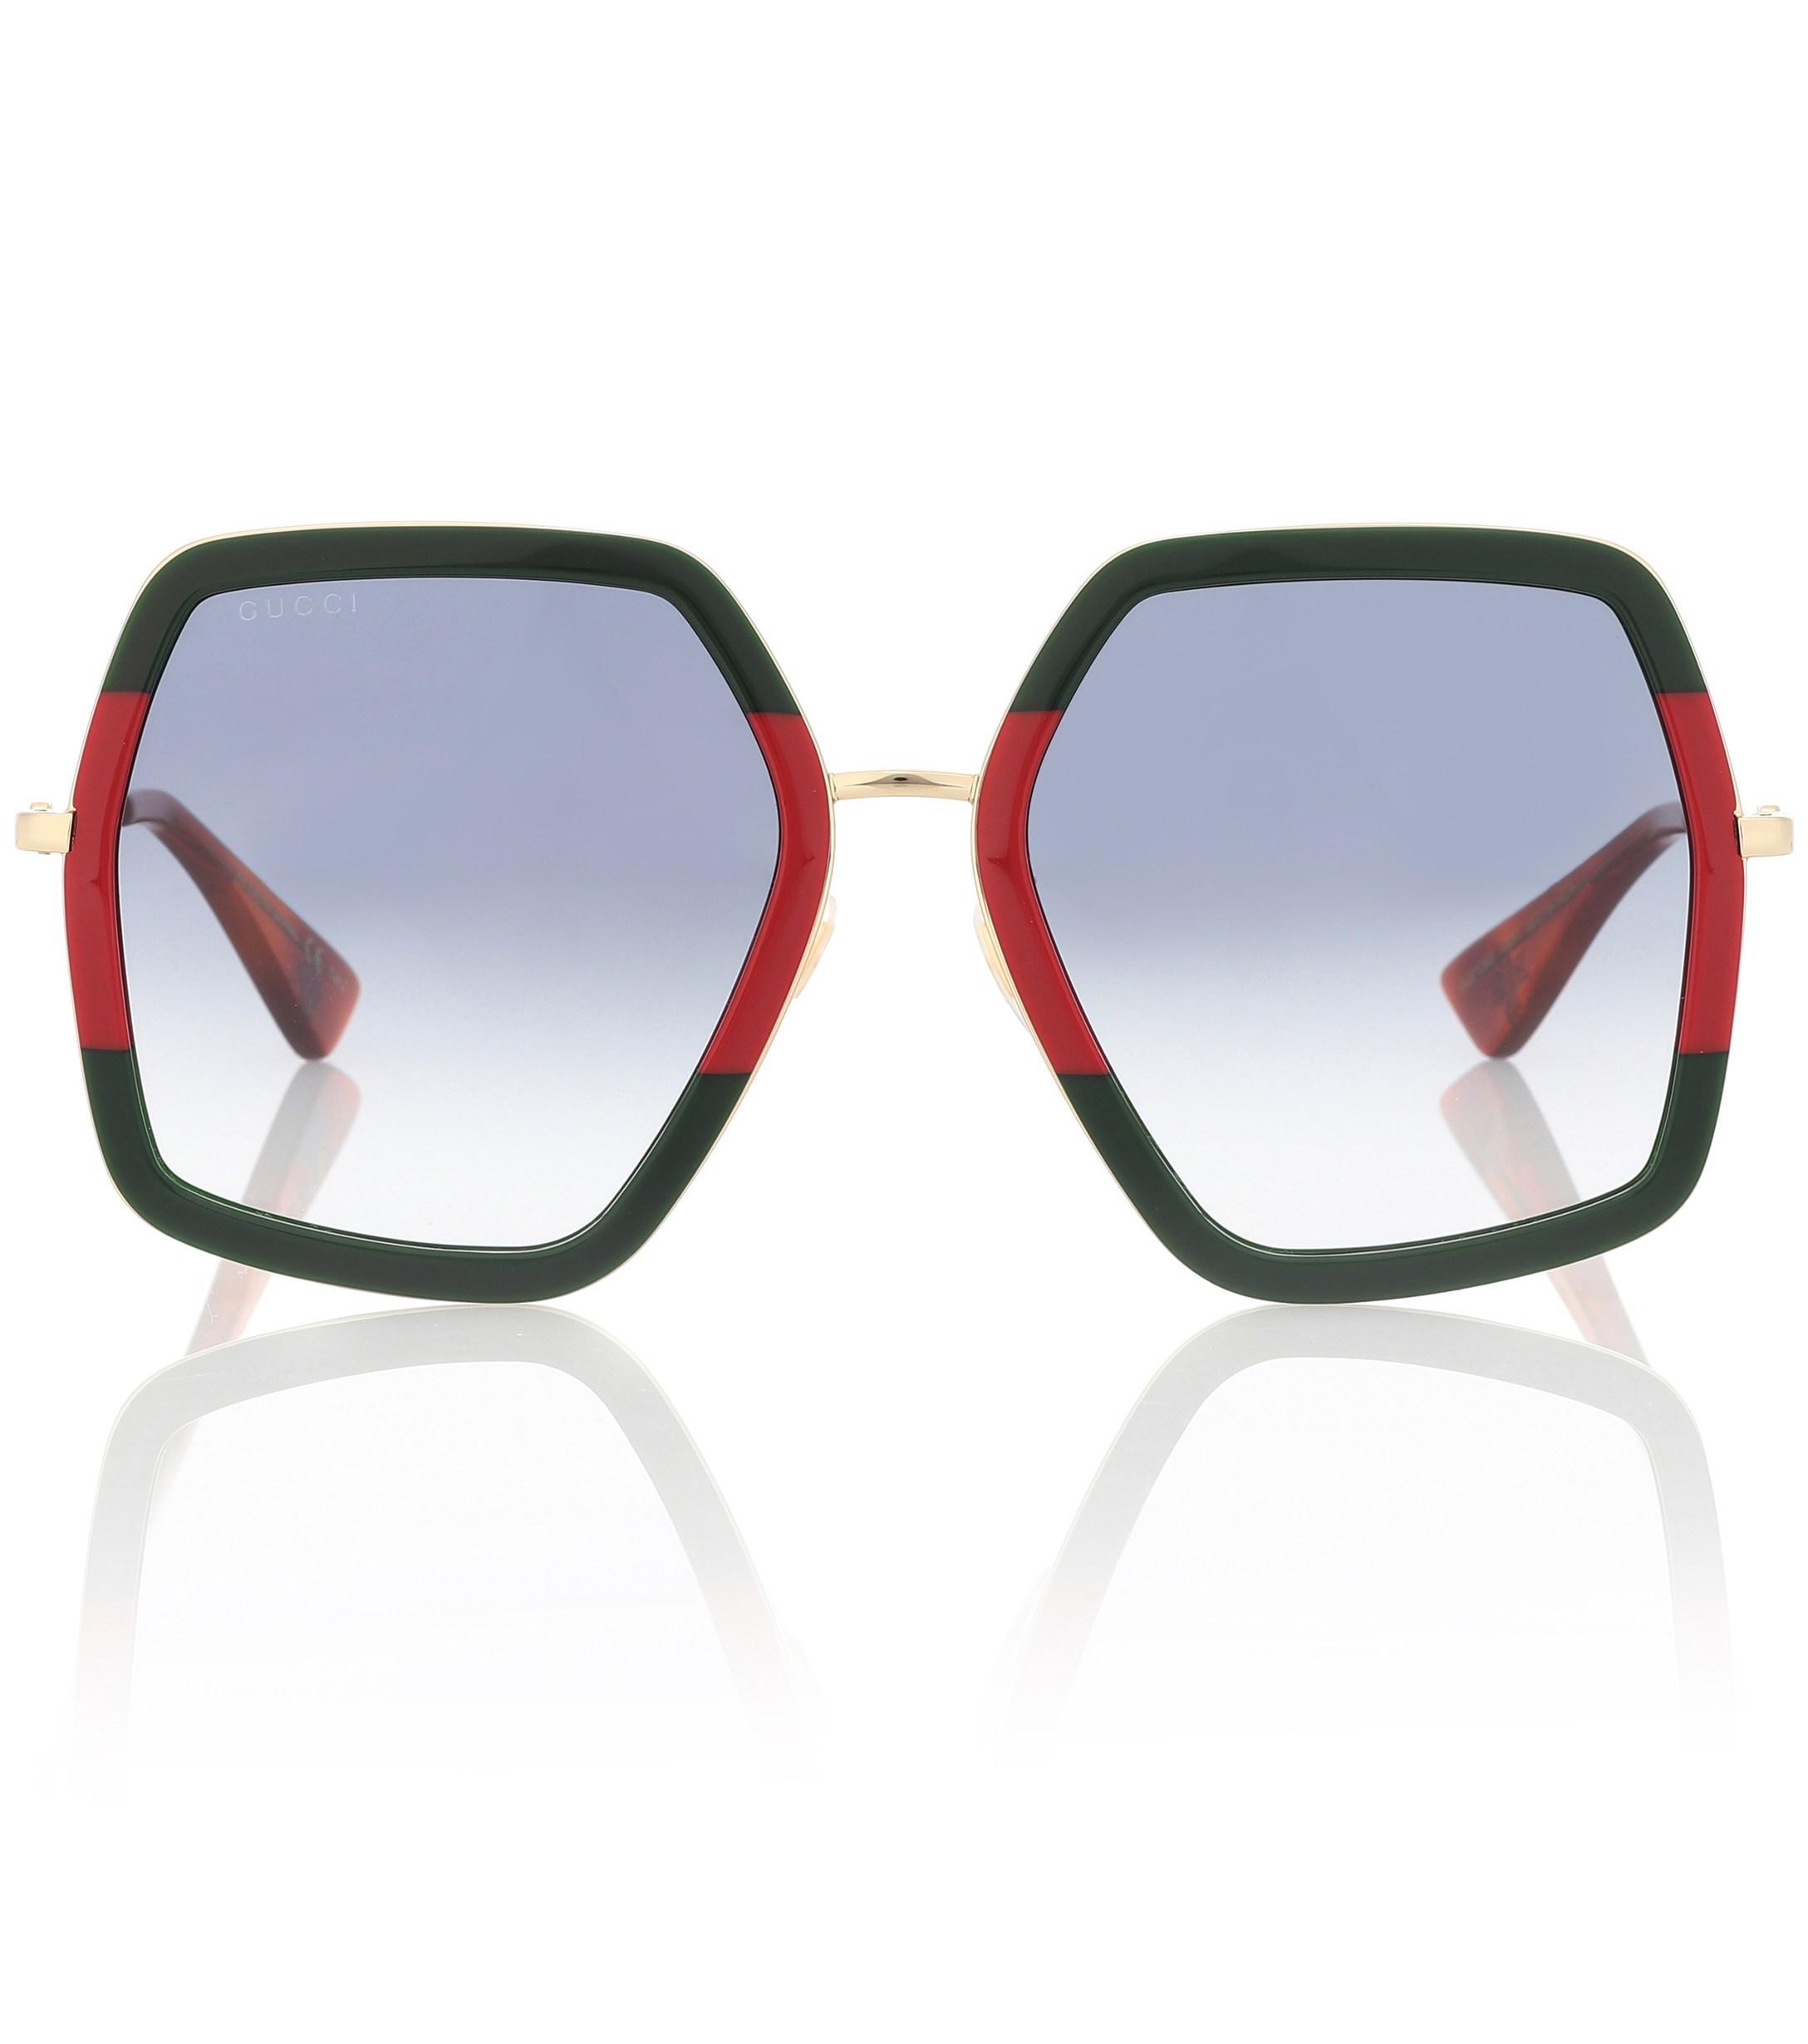 53c0f2faa1e Gucci. Women s Square Sunglasses